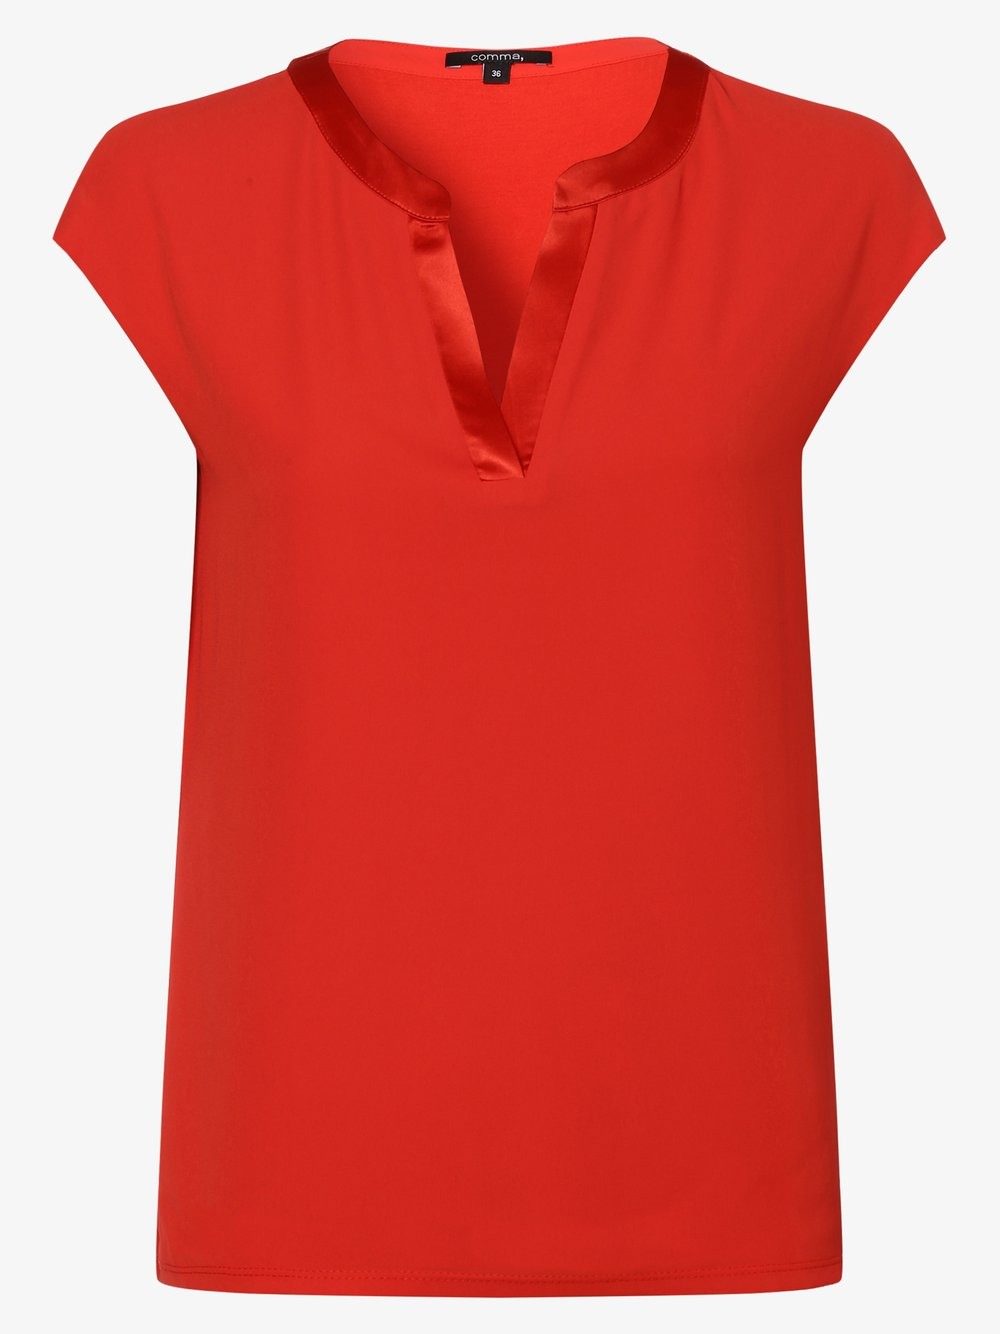 comma - Damska bluzka bez rękawów, czerwony